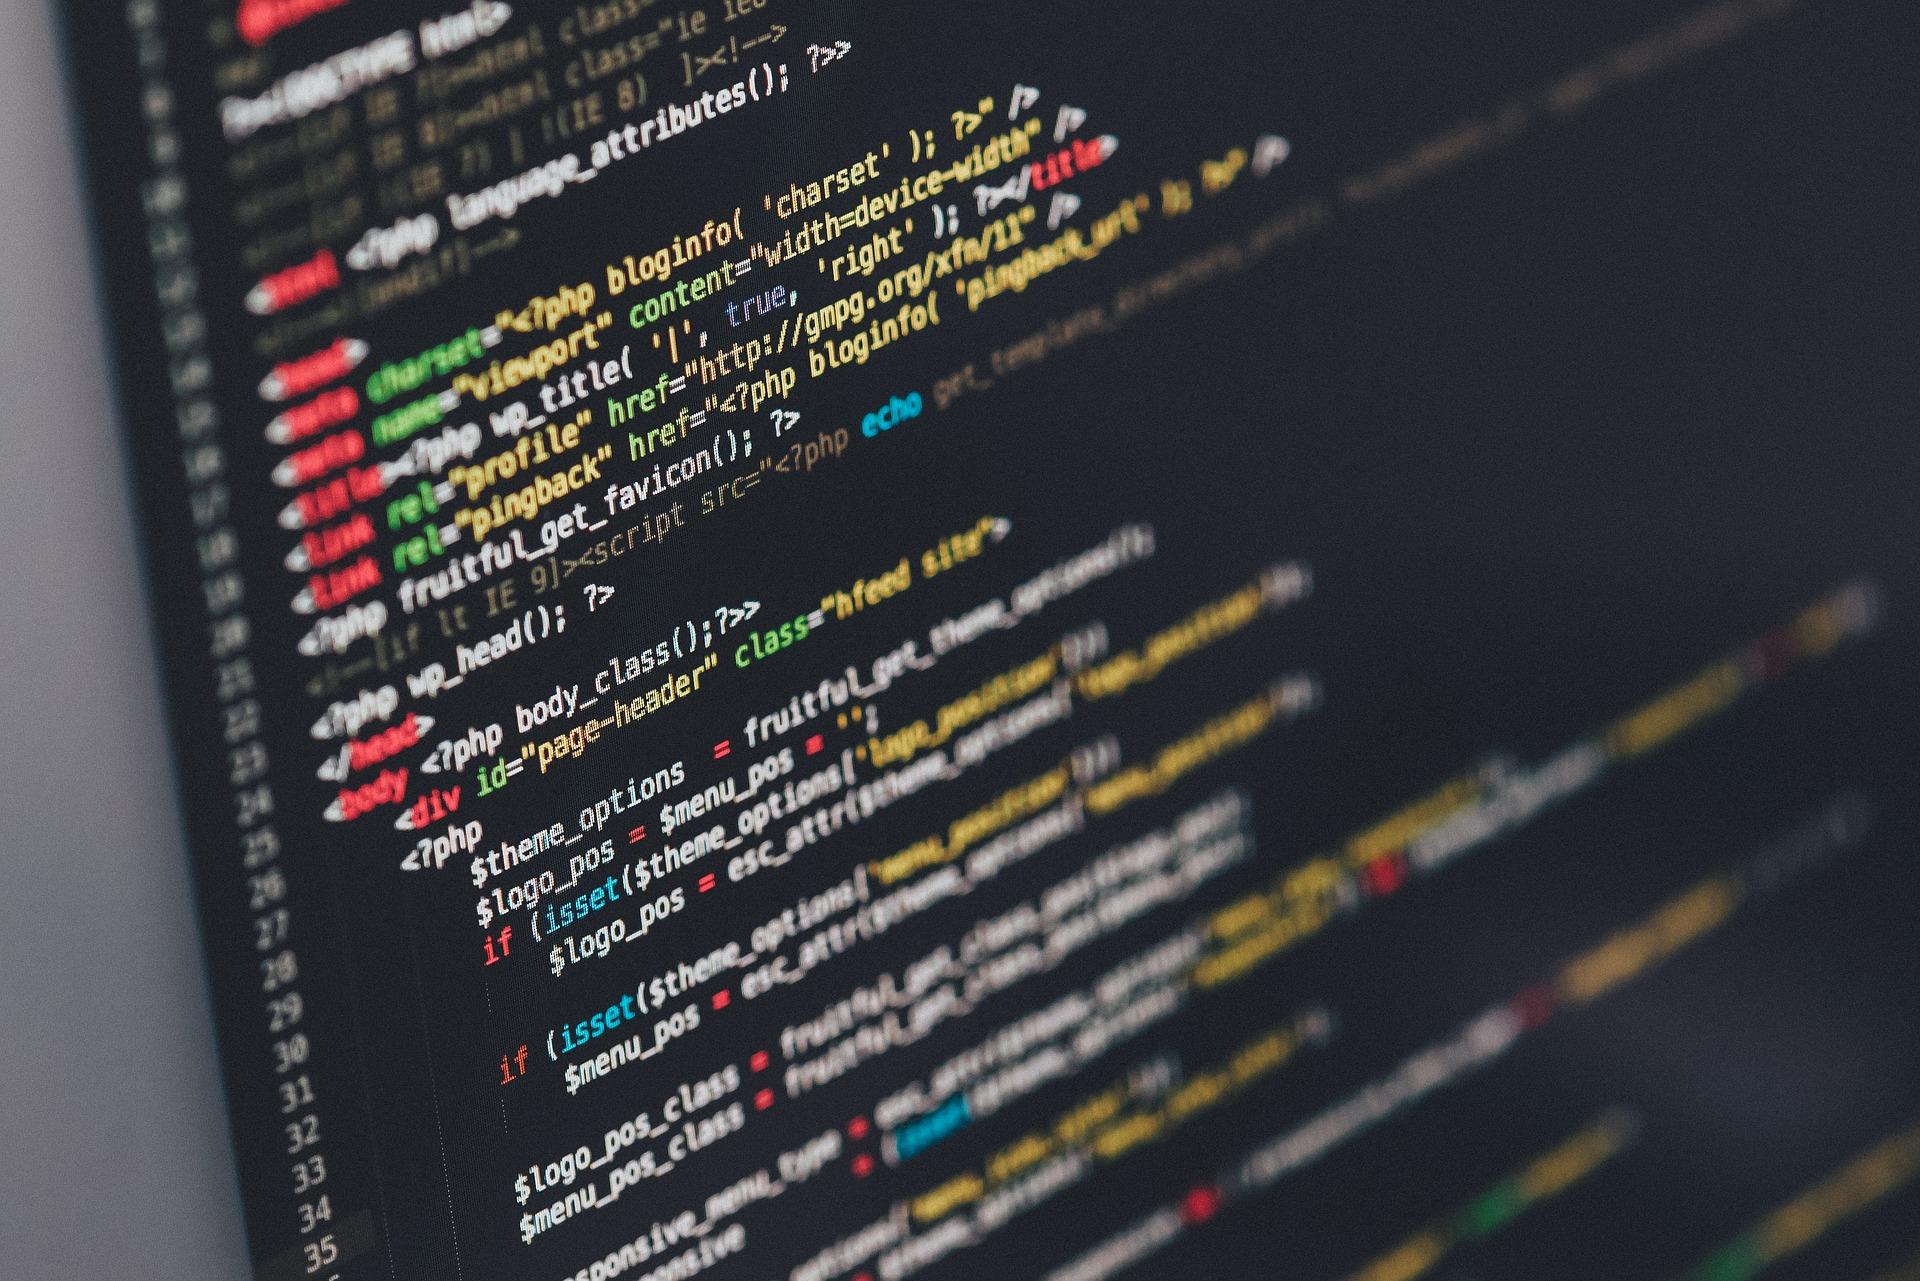 e98a43922400 Cette formation se destine aux novices en matière de code qui voudraient se  lancer dans le monde du développement et qui ont toujours eu peur des  termes ...